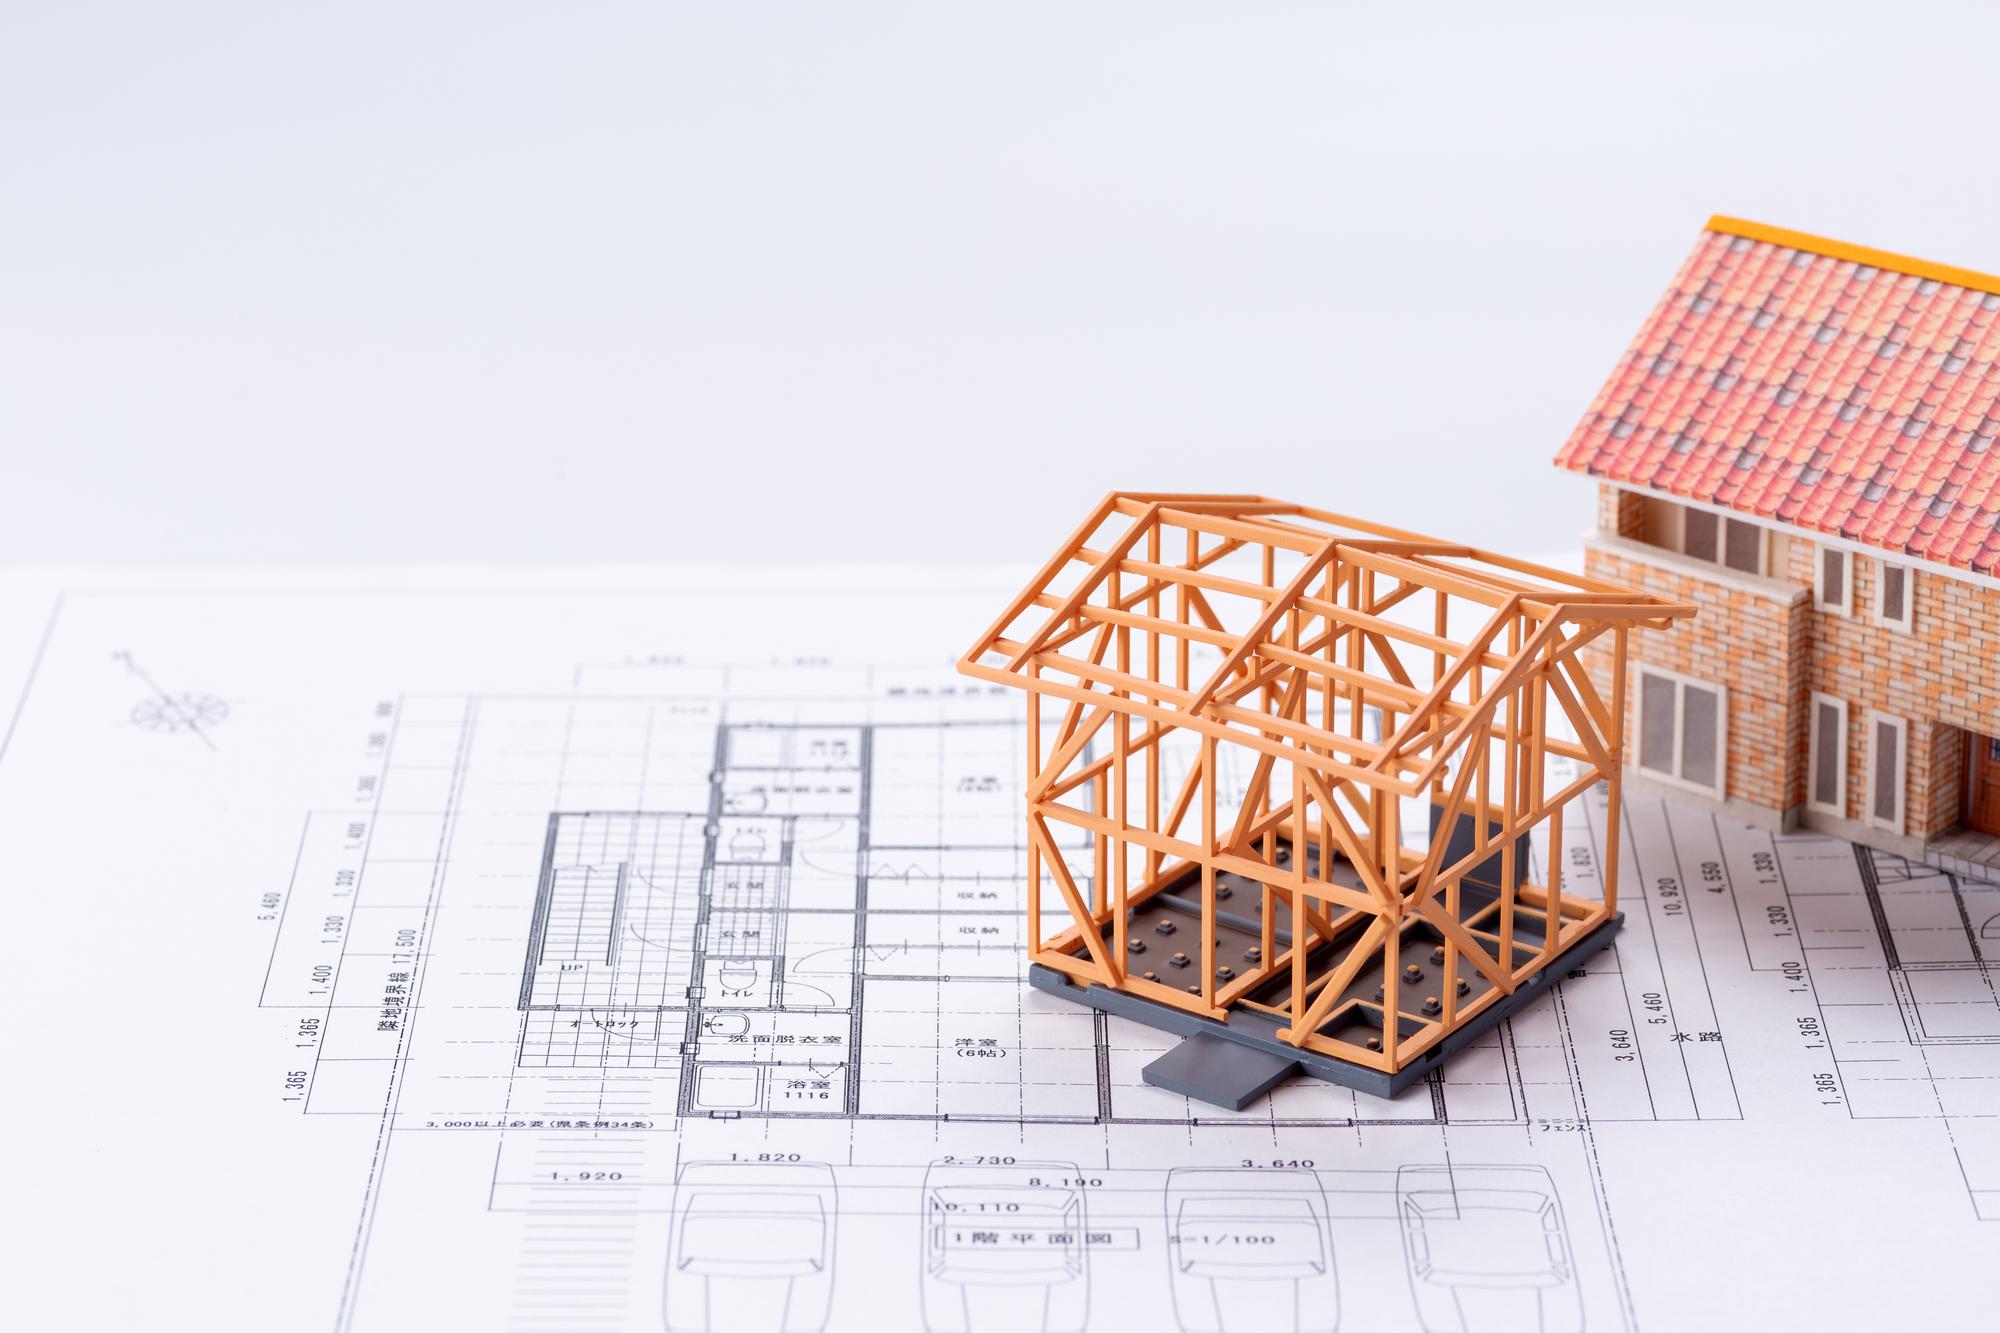 セミオーダー住宅とは?フルオーダー住宅と何が違う?